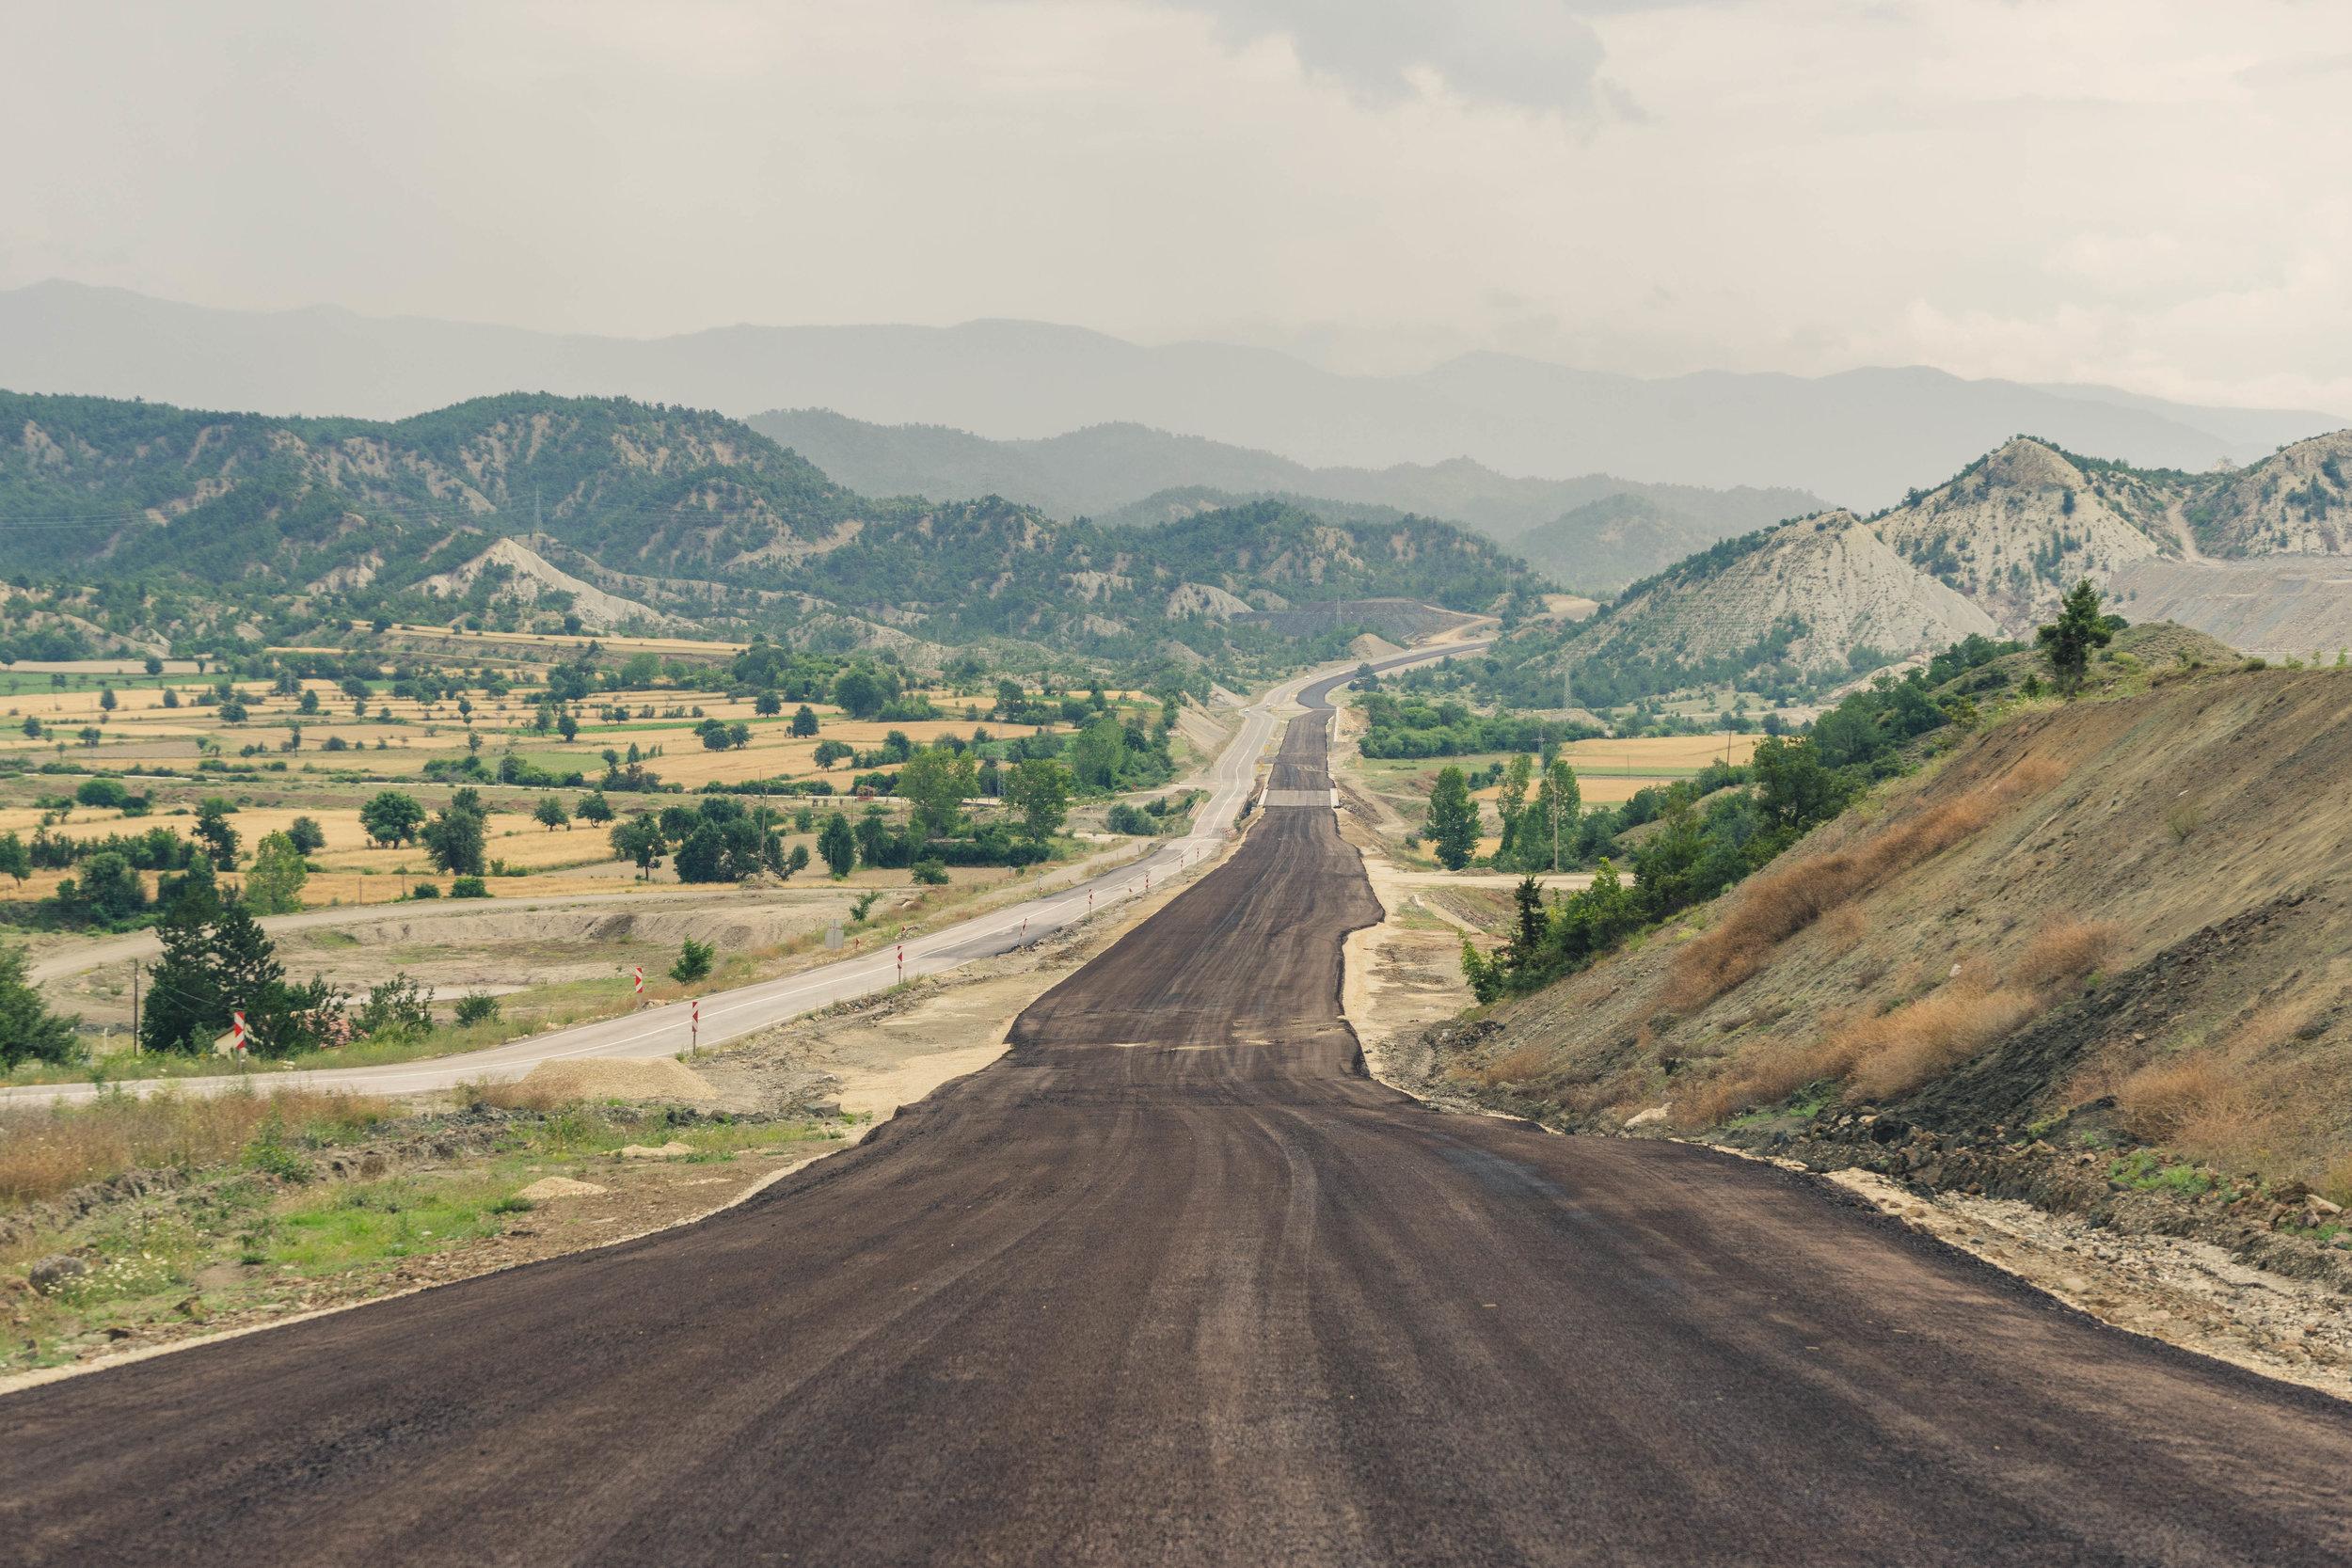 Lots of new roads